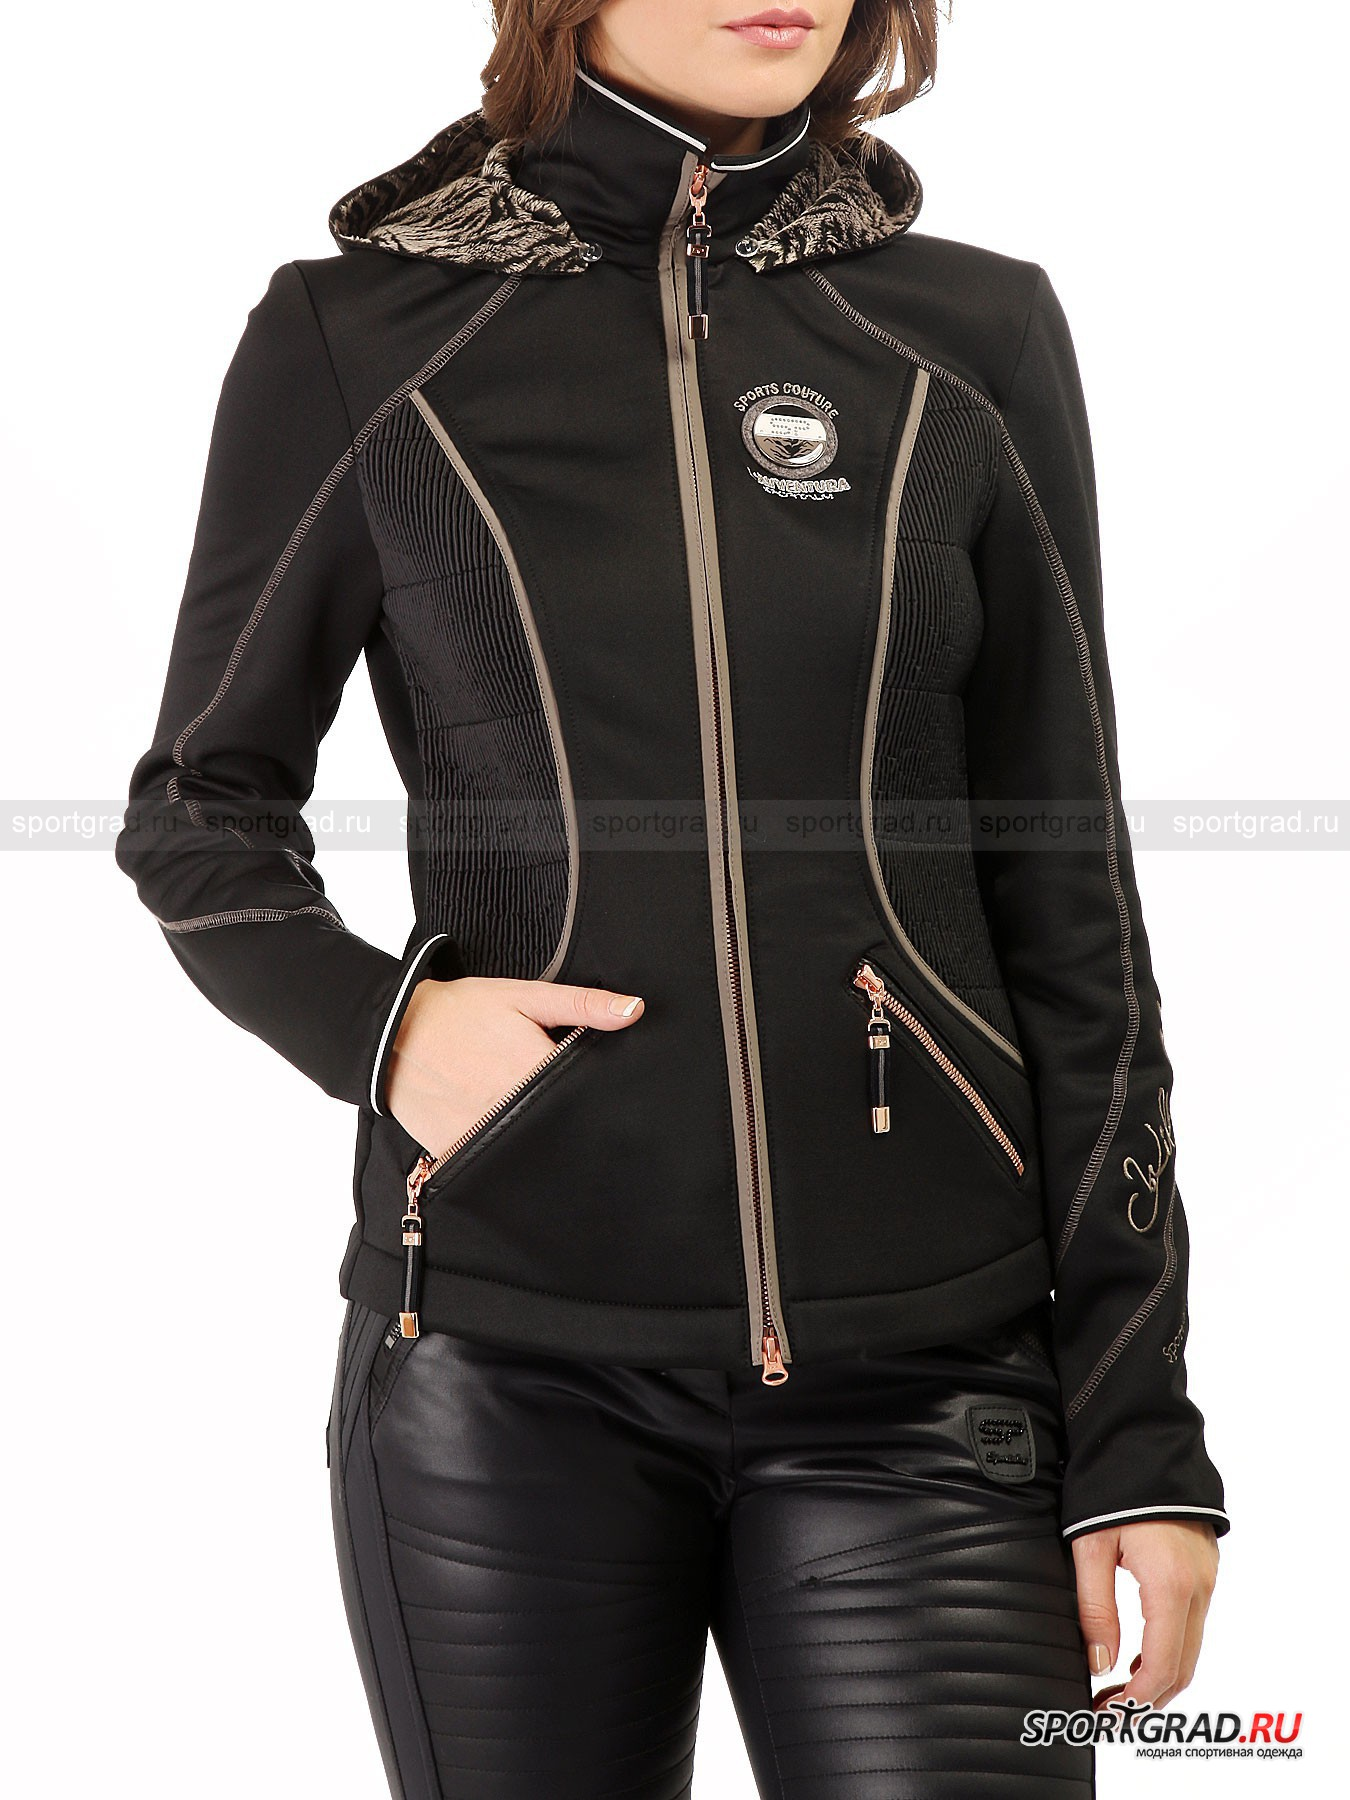 Женская куртка SPORTALM AbionaКуртки<br>Австрийский бренд люксовой спортивной одежды выделяется привлекательным и стильным дизайном своей продукции, которая сочетается с гламурным оформлением и деталями.<br><br>Приталенная модель женской куртки  Abiona – классический пример горнолыжной верхней одежды. Оптимальный вариант носки – неморозная зимняя погода. Ключевым элементом куртки стоит считать, безусловно, капюшон, отделанный изнутри натуральной шерстью. Плюшевый эффект добавляет дополнительное ощущение уюта и комфорта во время носки. Снаружи капюшон отделан искусственной кожей с чешуйчатой структурой. Прочный и износостойкий материал изготовления гарантирует долговечность одежды на несколько сезонов подряд.<br><br>•Удобный отстегивающийся капюшон<br>•Высокий ворот<br>•Фронтальная молния с системой реверса<br>•Усиленные швы<br>•Эластичный материал изготовления<br>•Фирменный логотип компании на груди и на спине<br><br>Пол: Женский<br>Возраст: Взрослый<br>Тип: Куртки<br>Рекомендации по уходу: Деликатная стирка при 30С, не отбеливать, не сушить в барабане стиральной машины, не гладить, химчистка запрещена.<br>Состав: 69% полиэстер/26% натуральная шерсть/5% эластан.